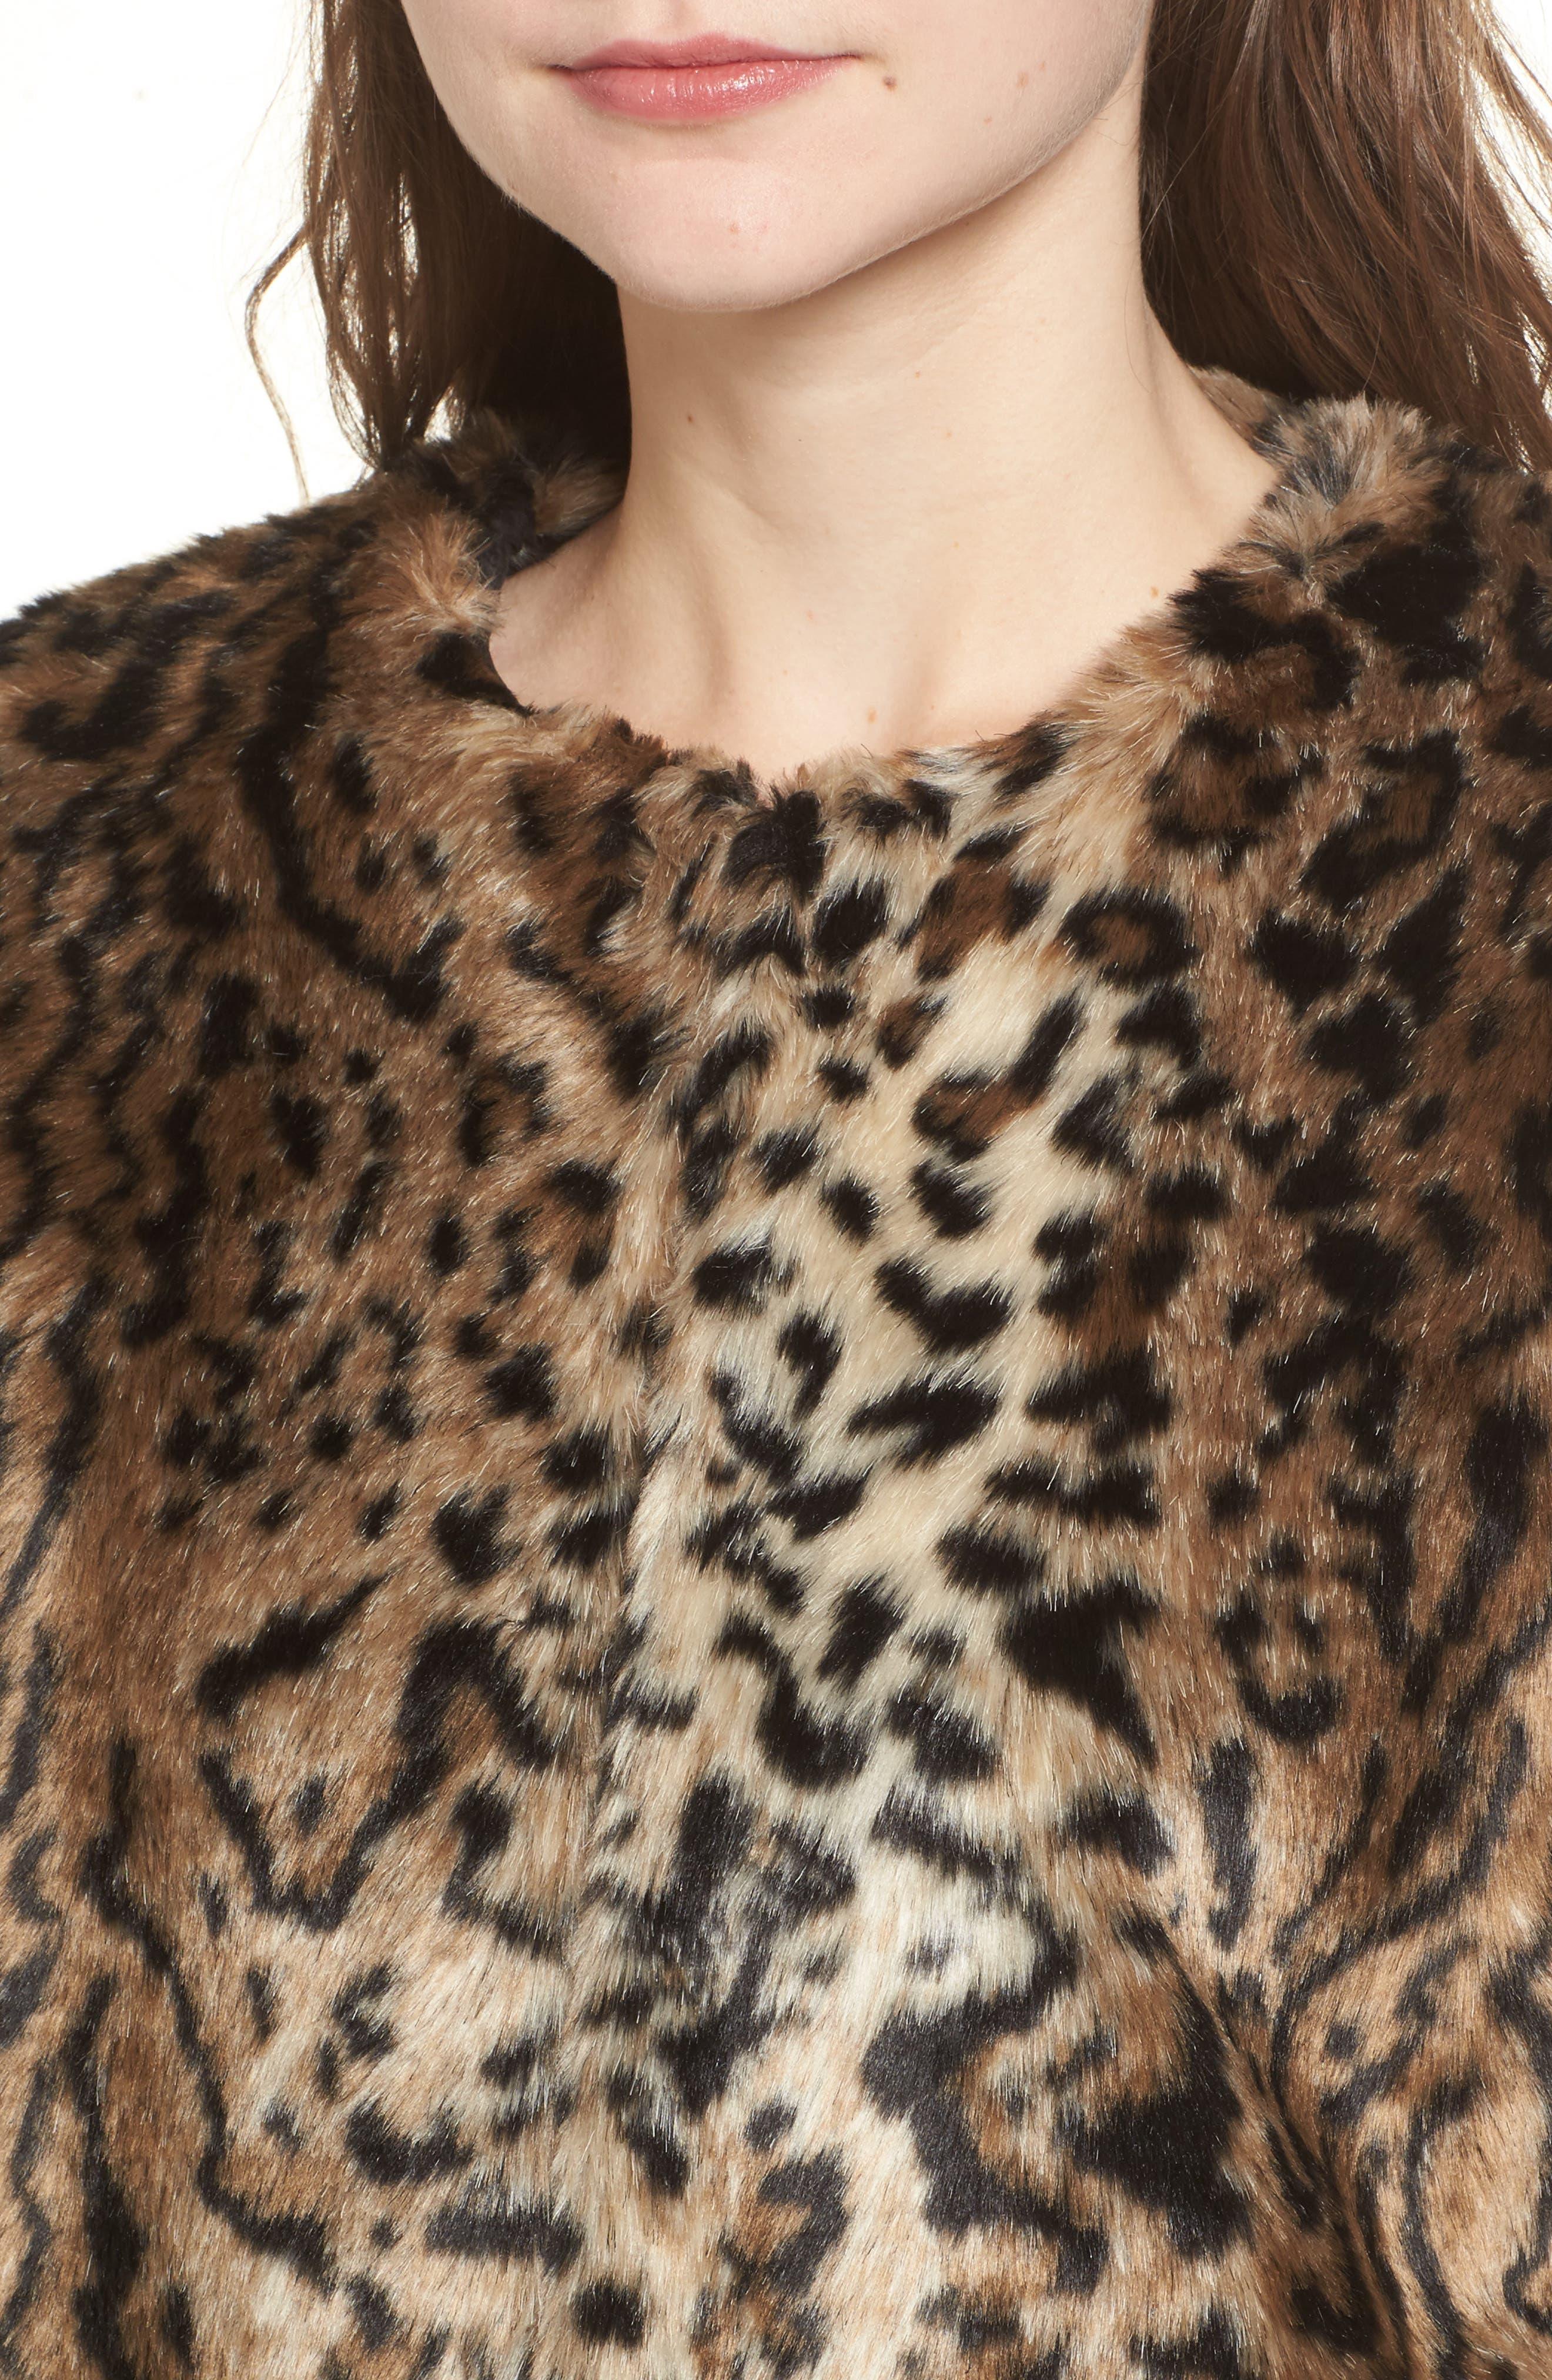 McKinley Leopard Print Faux Fur Jacket,                             Alternate thumbnail 4, color,                             238